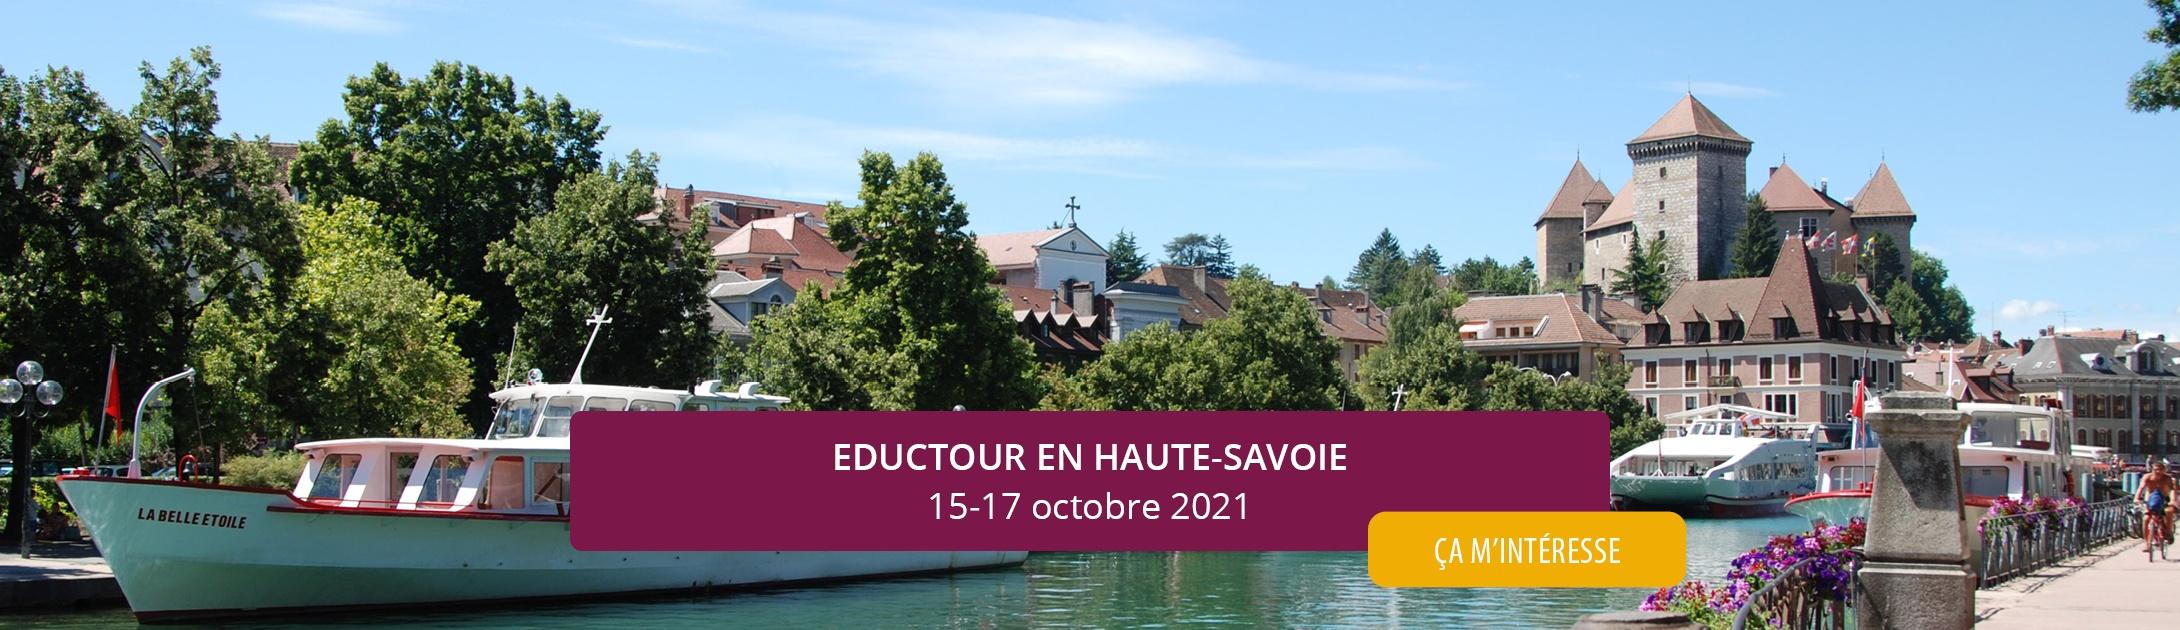 Eductour en Haute Savoie en octobre 2021